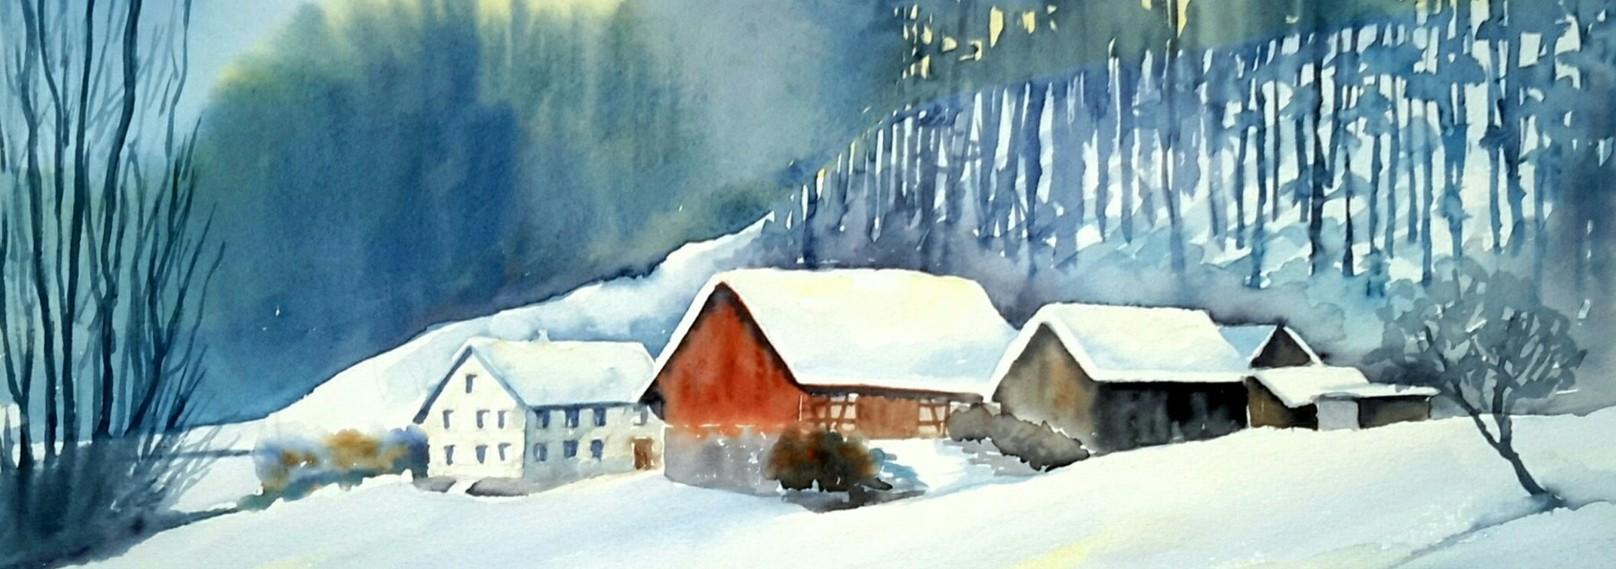 07-Winterlicher Bauernhof